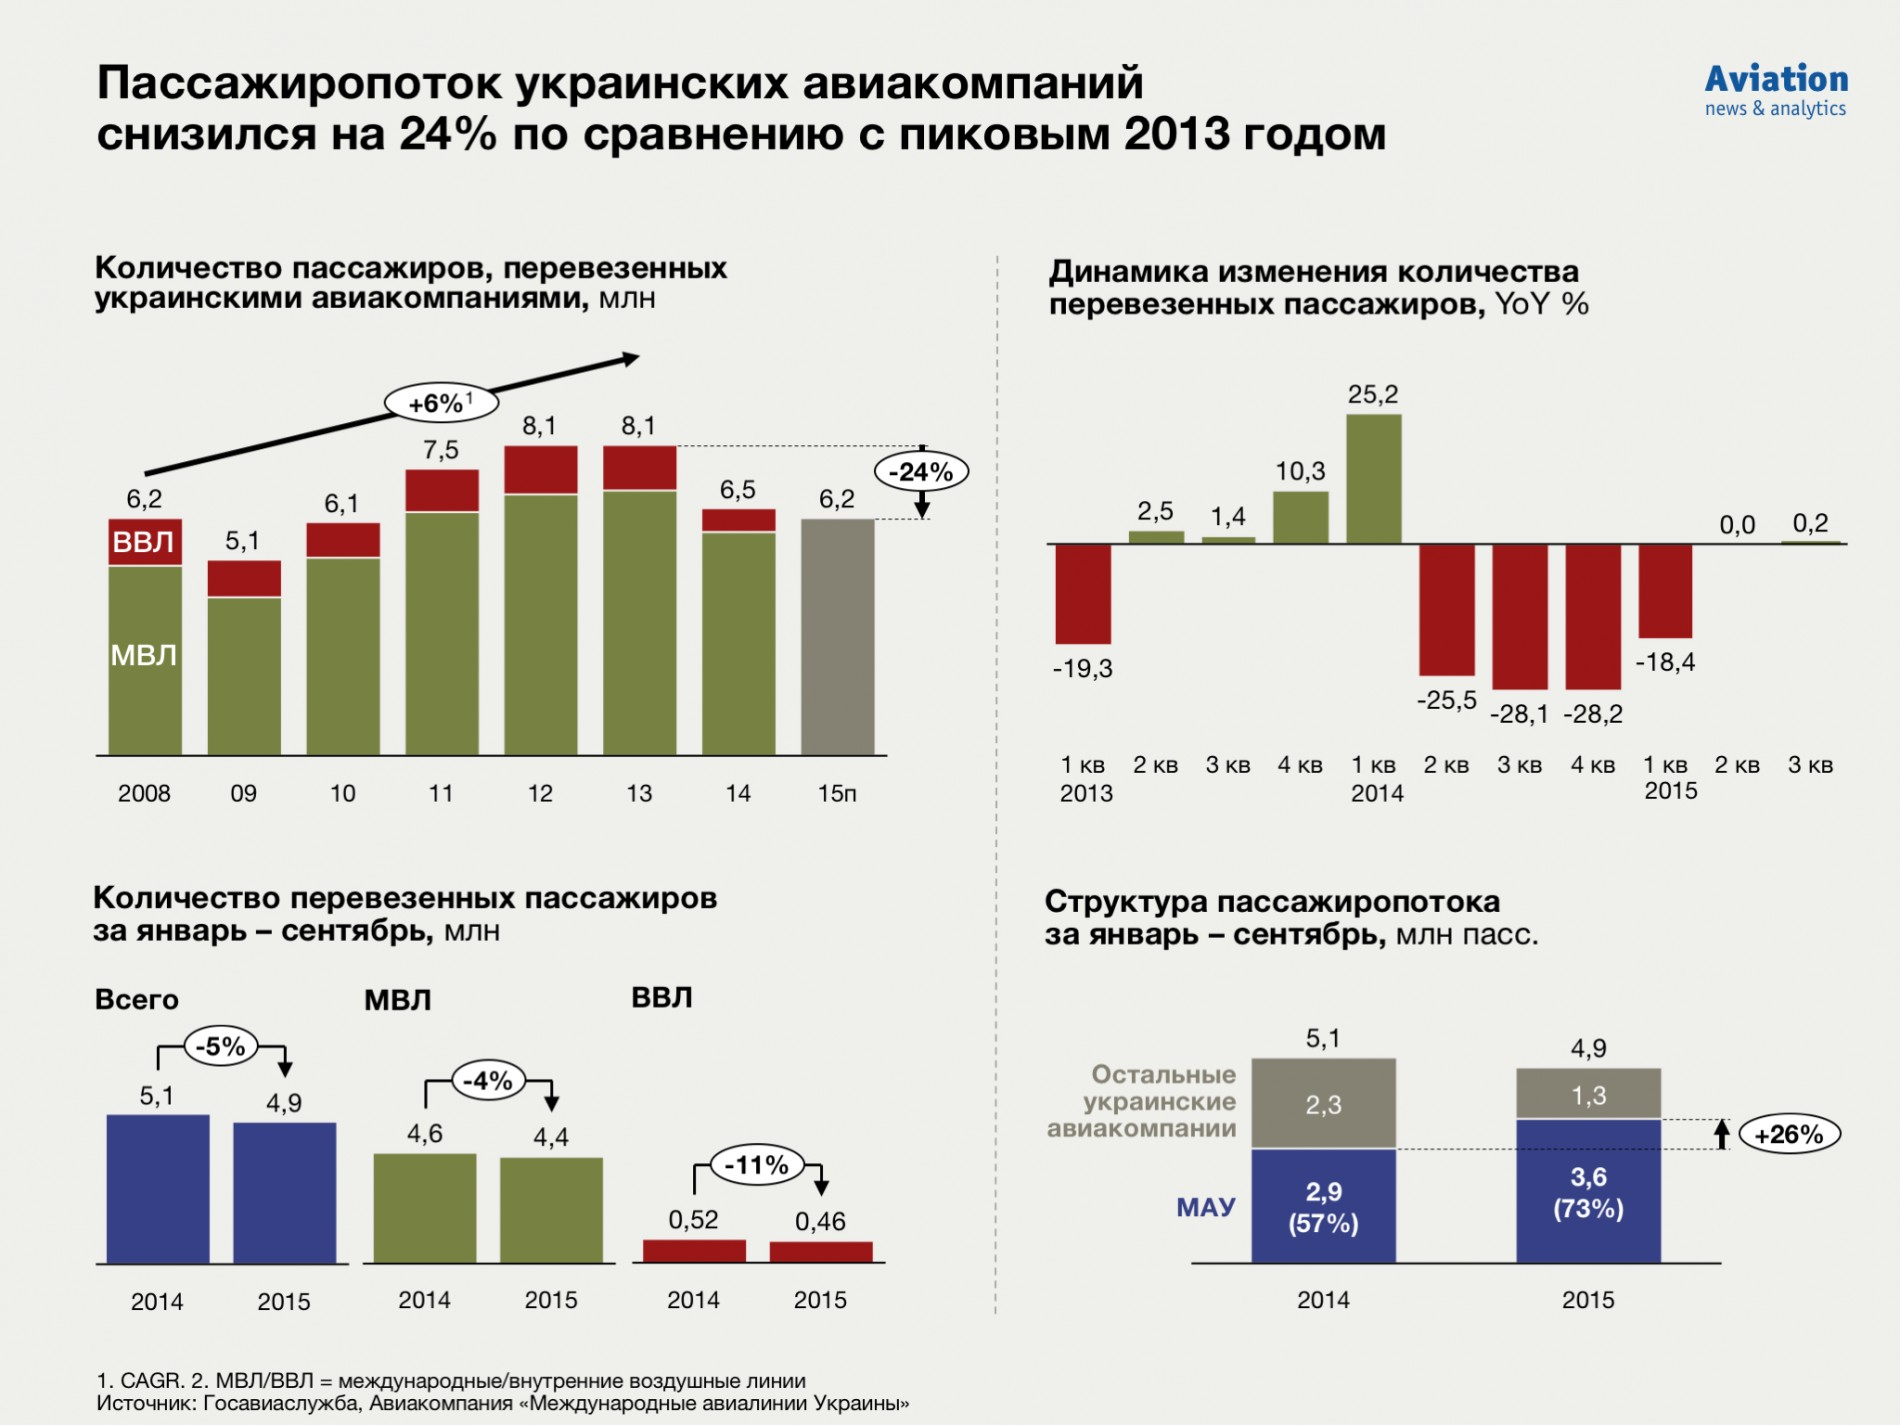 Результаты деятельности украинских авиакомпаний